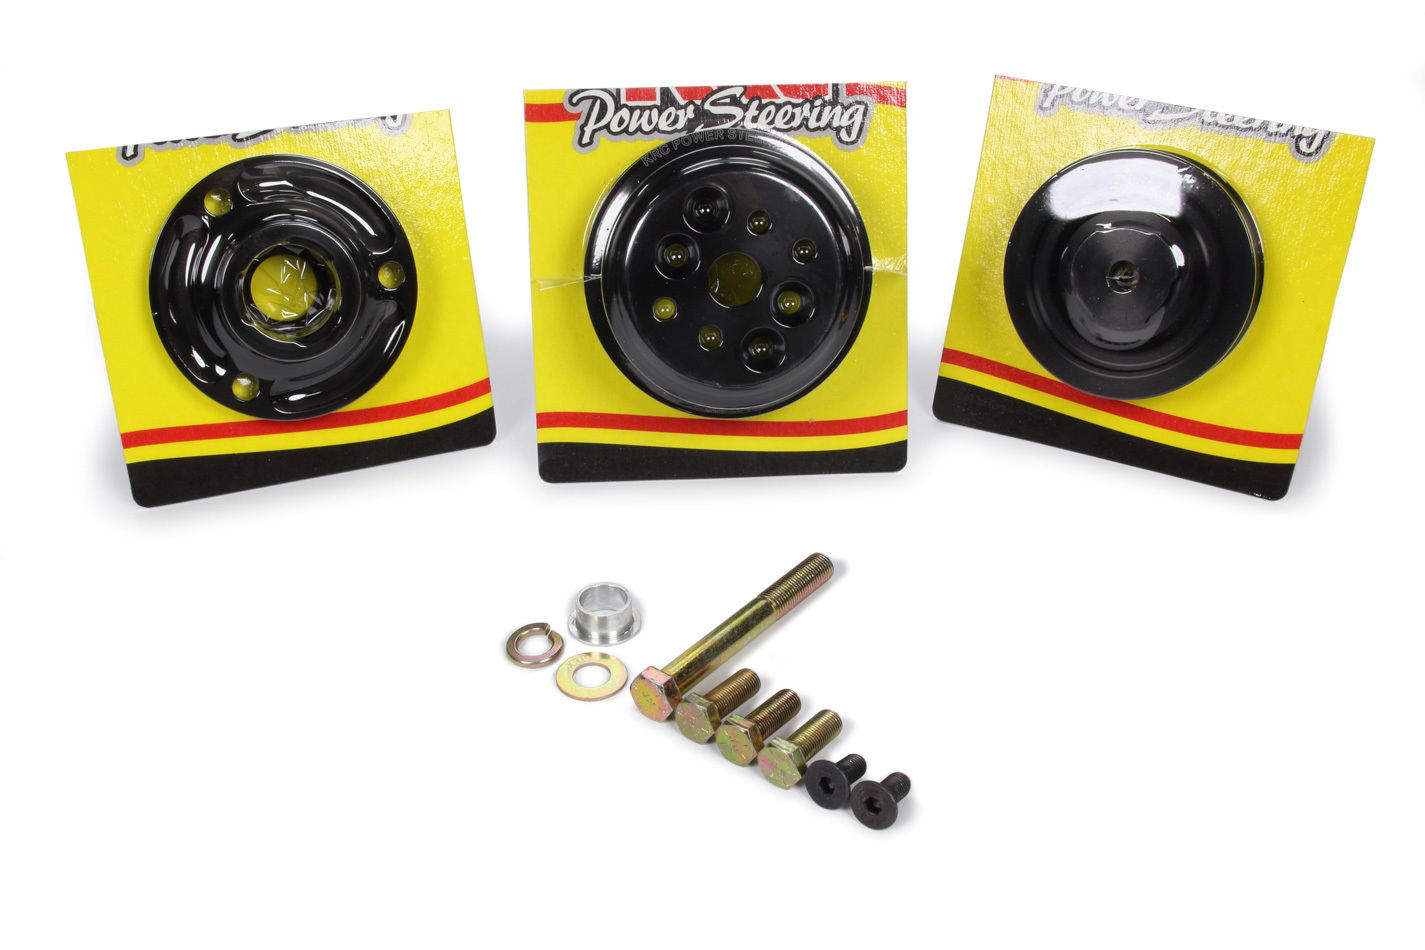 Krc Power Steering Pro Series Serpentine Pulley Kit 15%